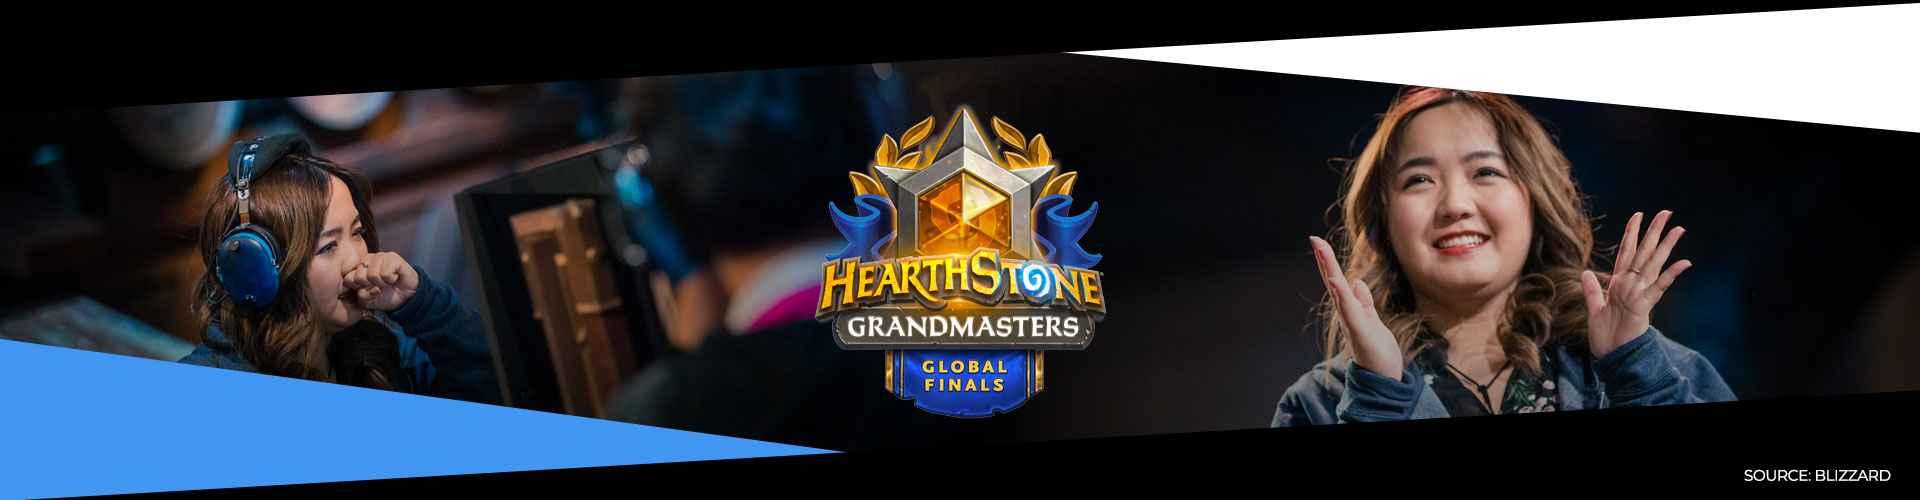 Liooon vinner Hearthstone Grandmasters på BlizzCon!